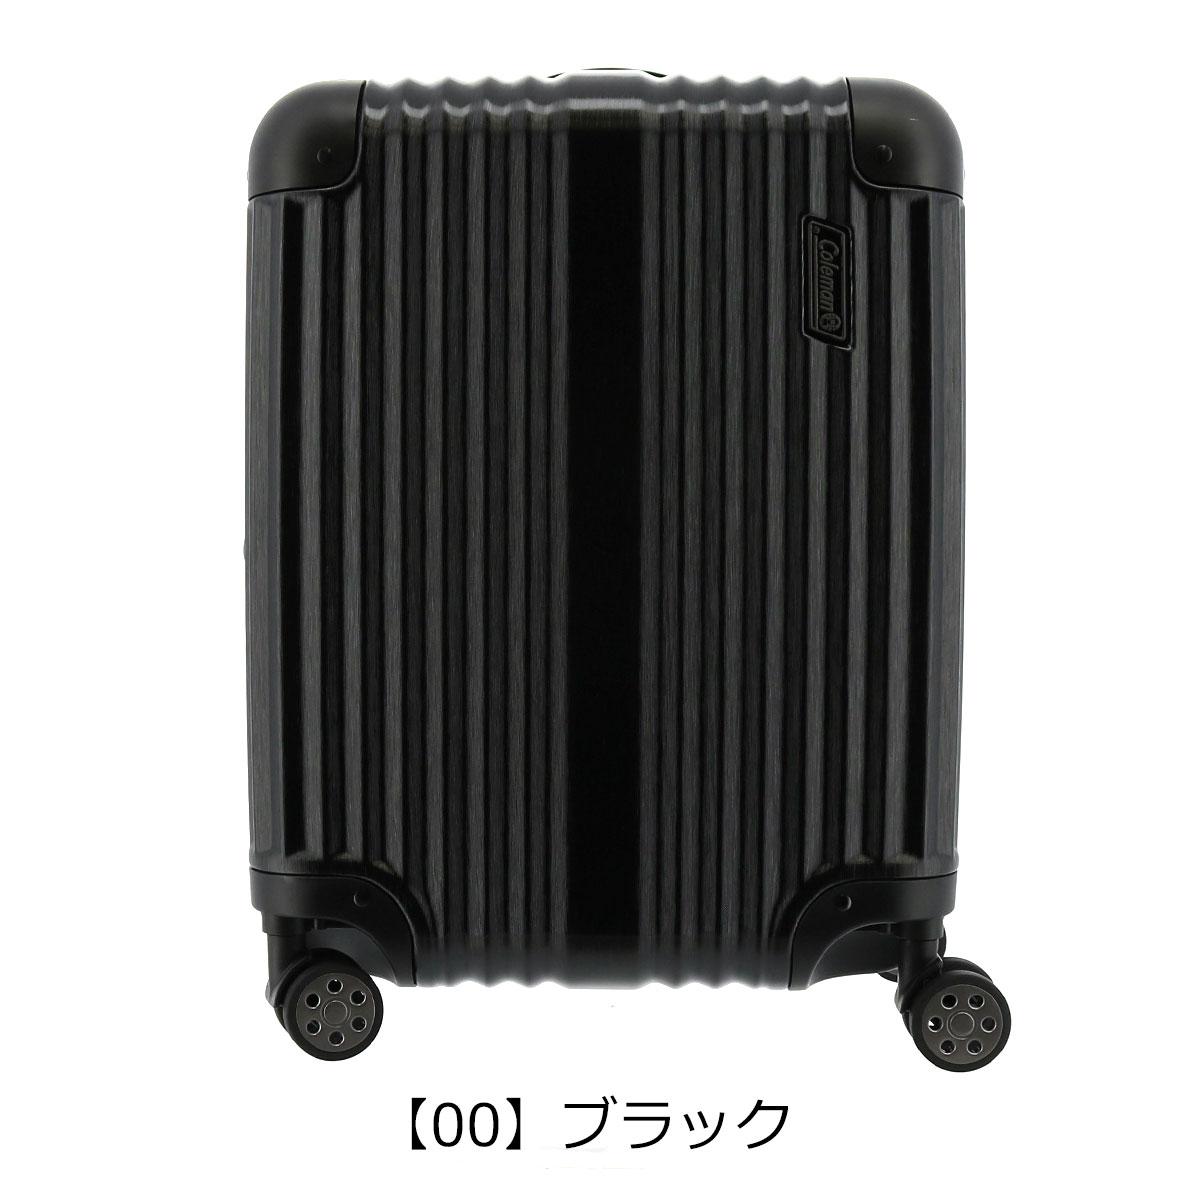 【00】ブラック